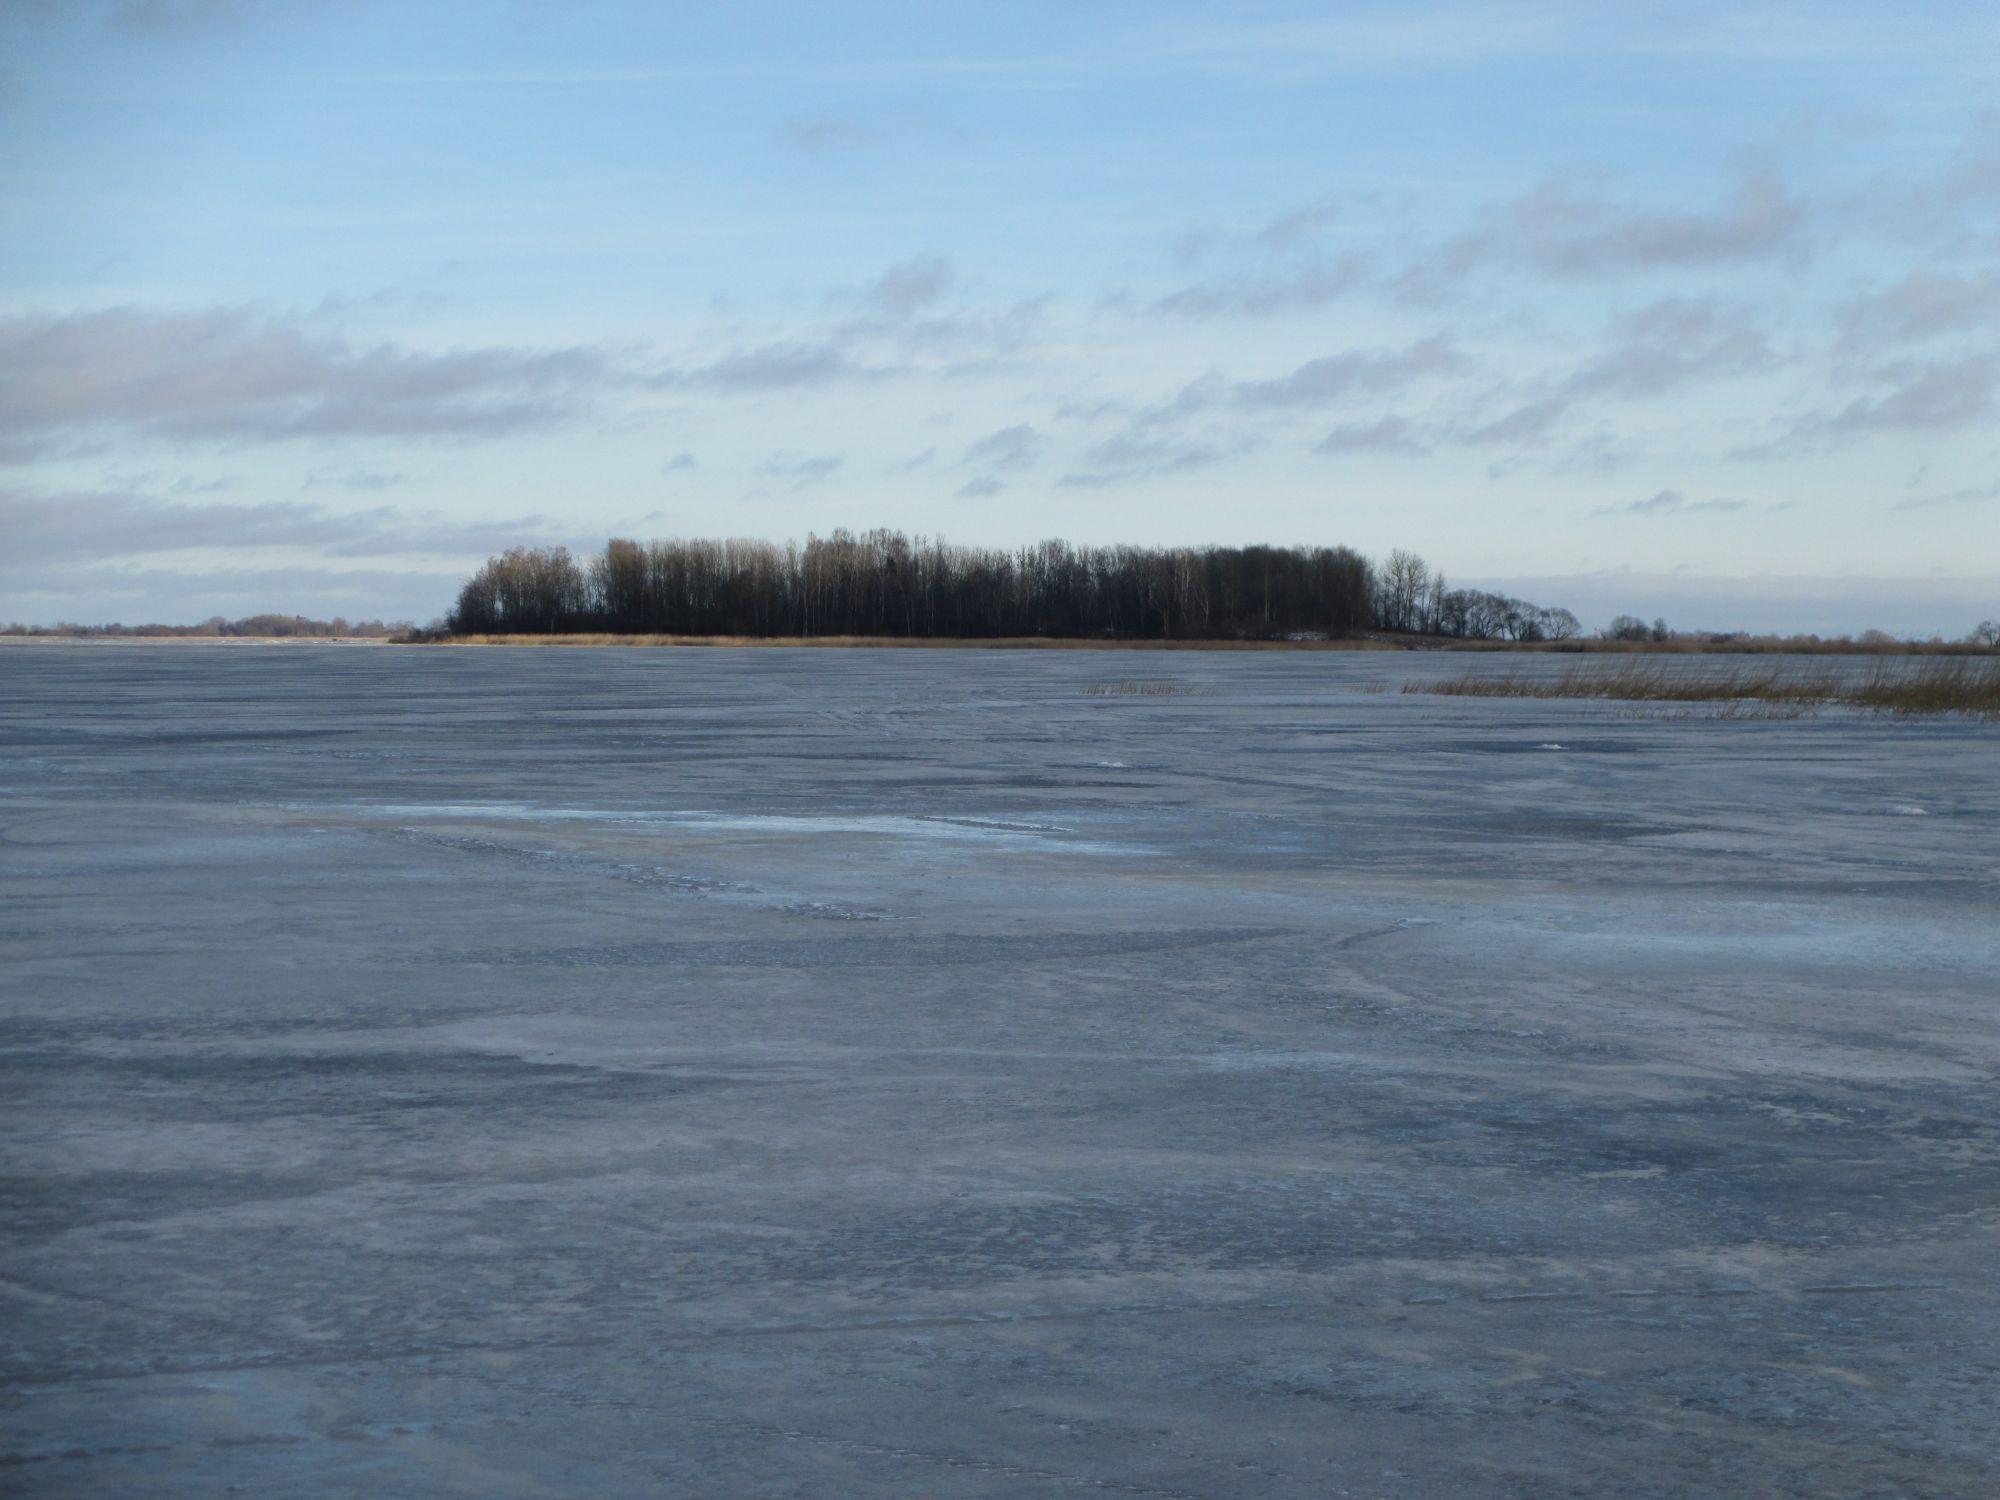 Üle jäätunud järvejää terendab meie sihtmärk: asustamata saar